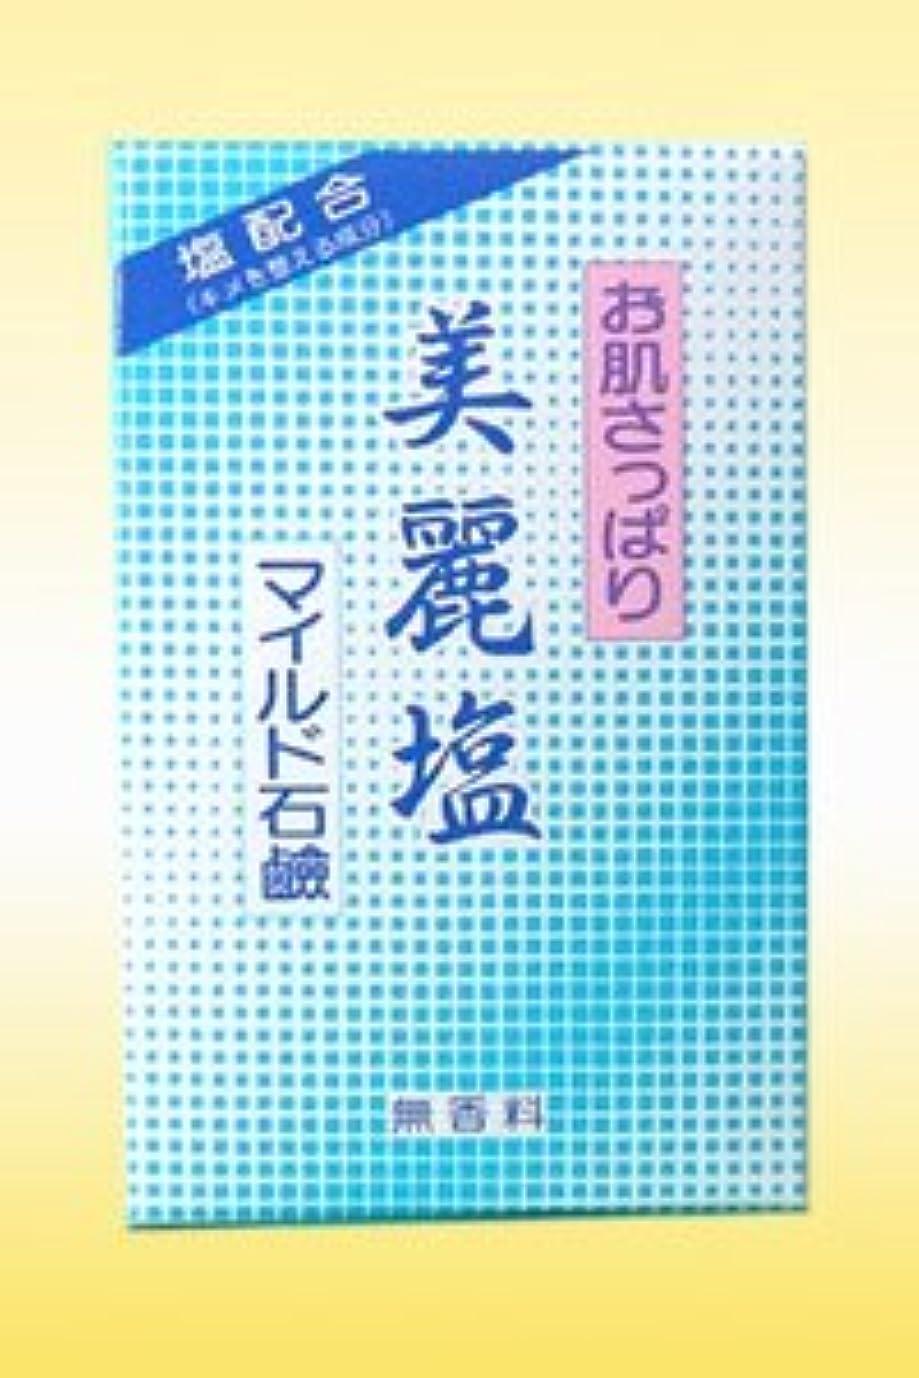 うがい教師の日受付ニード美麗塩マイルド石鹸(95g)キメを整える成分:塩配合の無香料石鹸